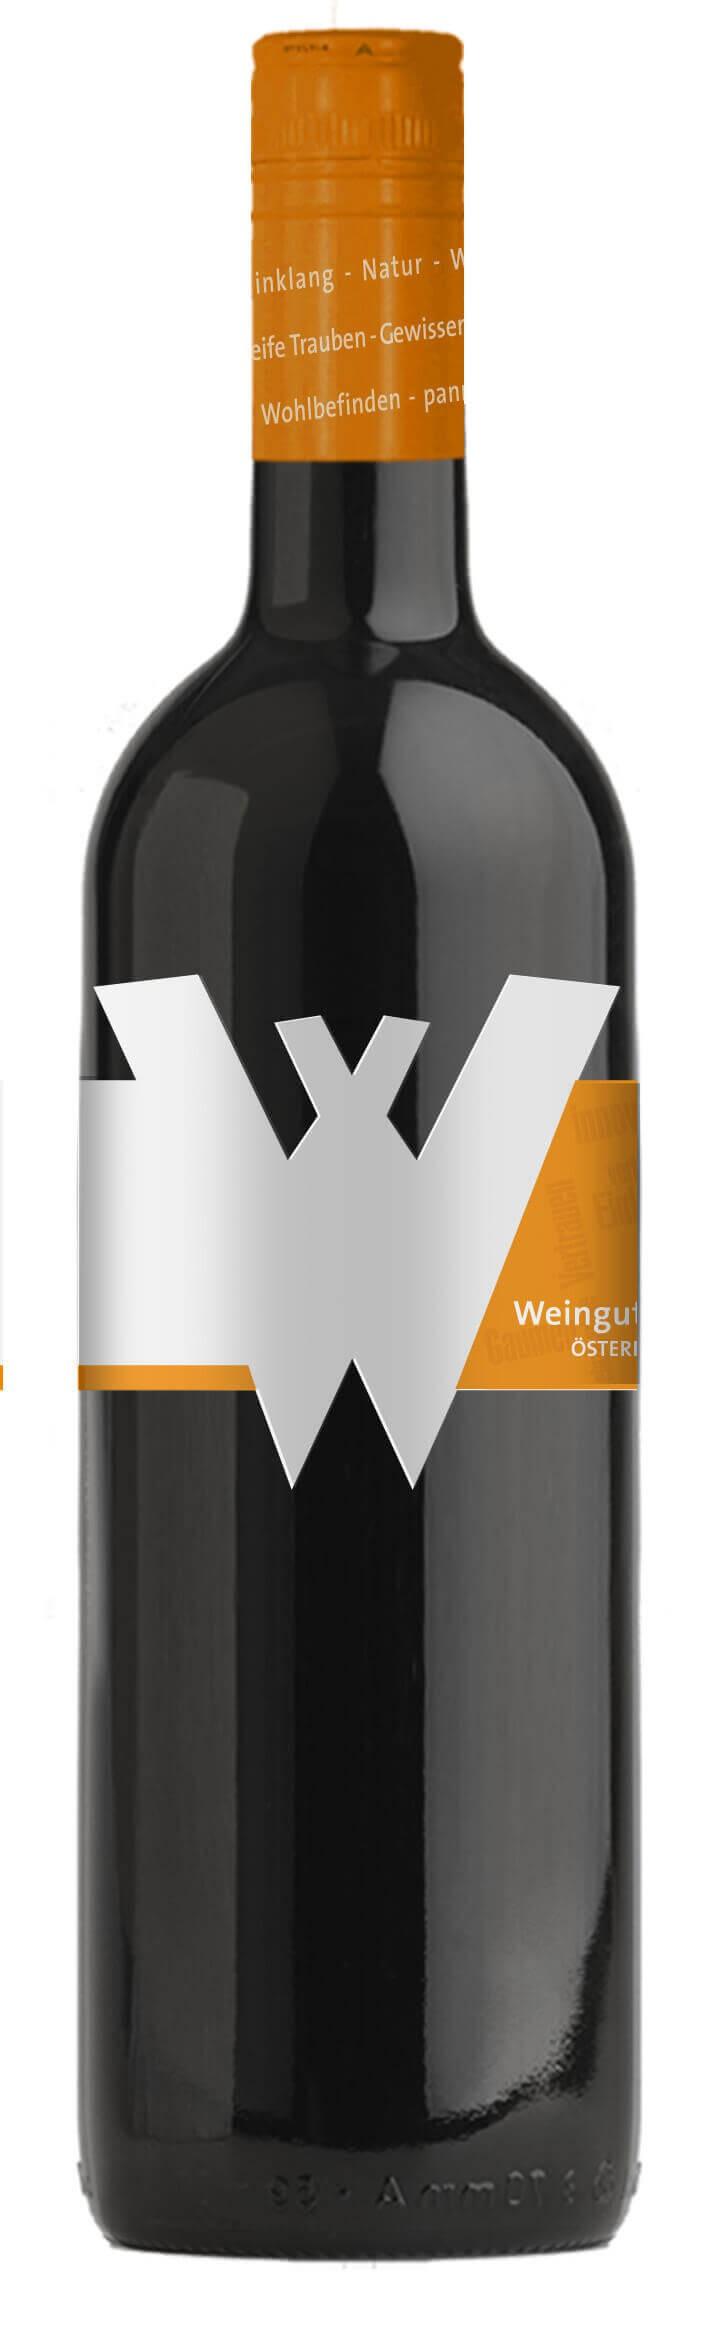 Gaumenfreude víno bez histamínu